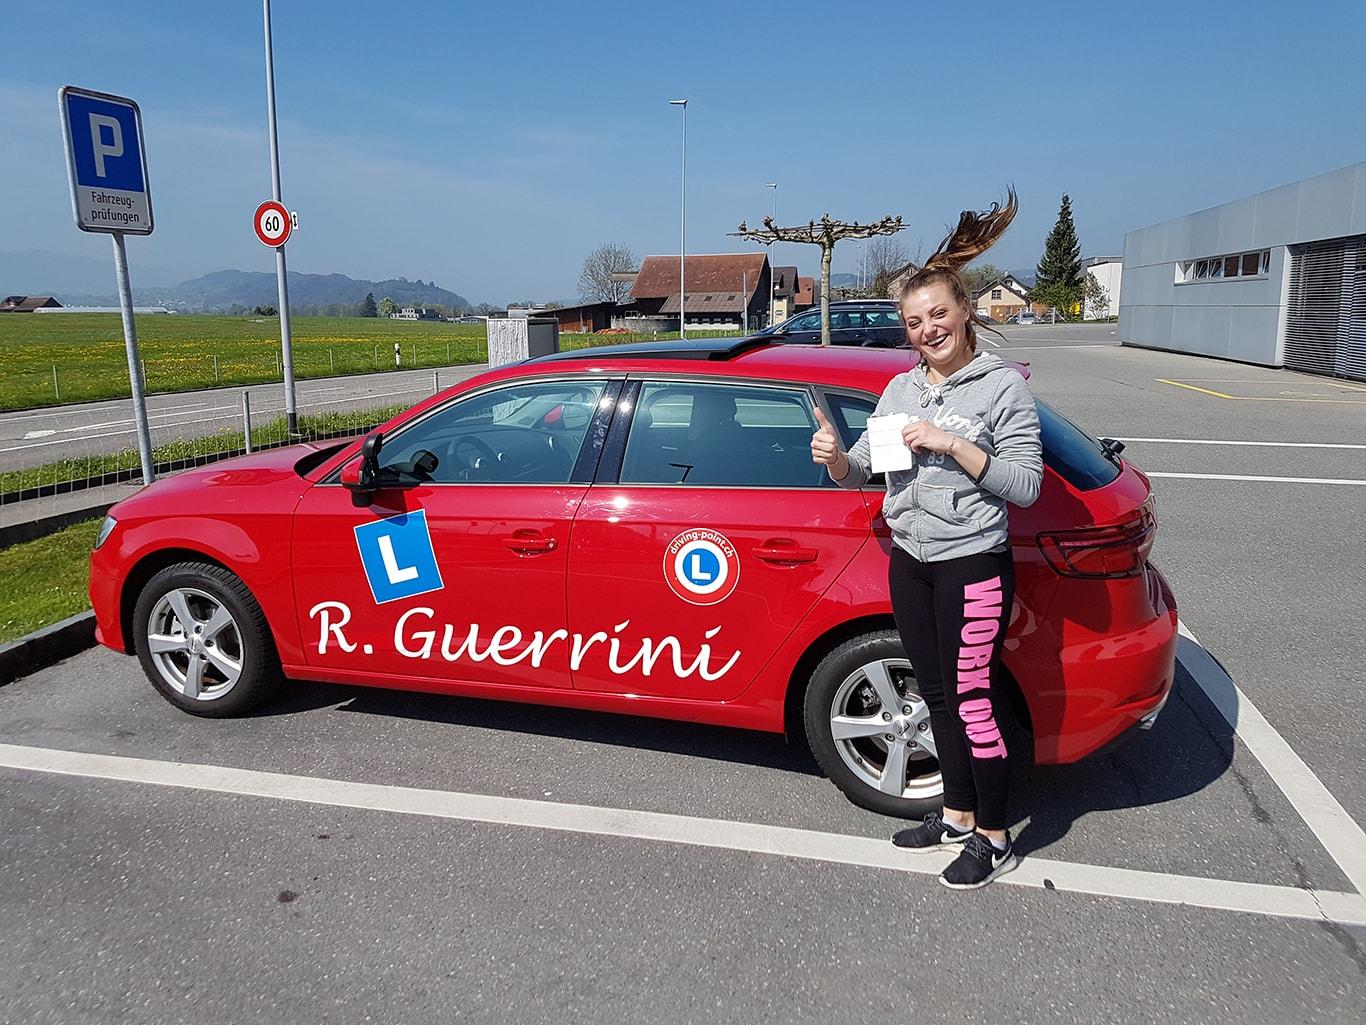 Motorrad Grundkurs & Theorieprüfung in Eschenbach - Fahrschule Driving Point